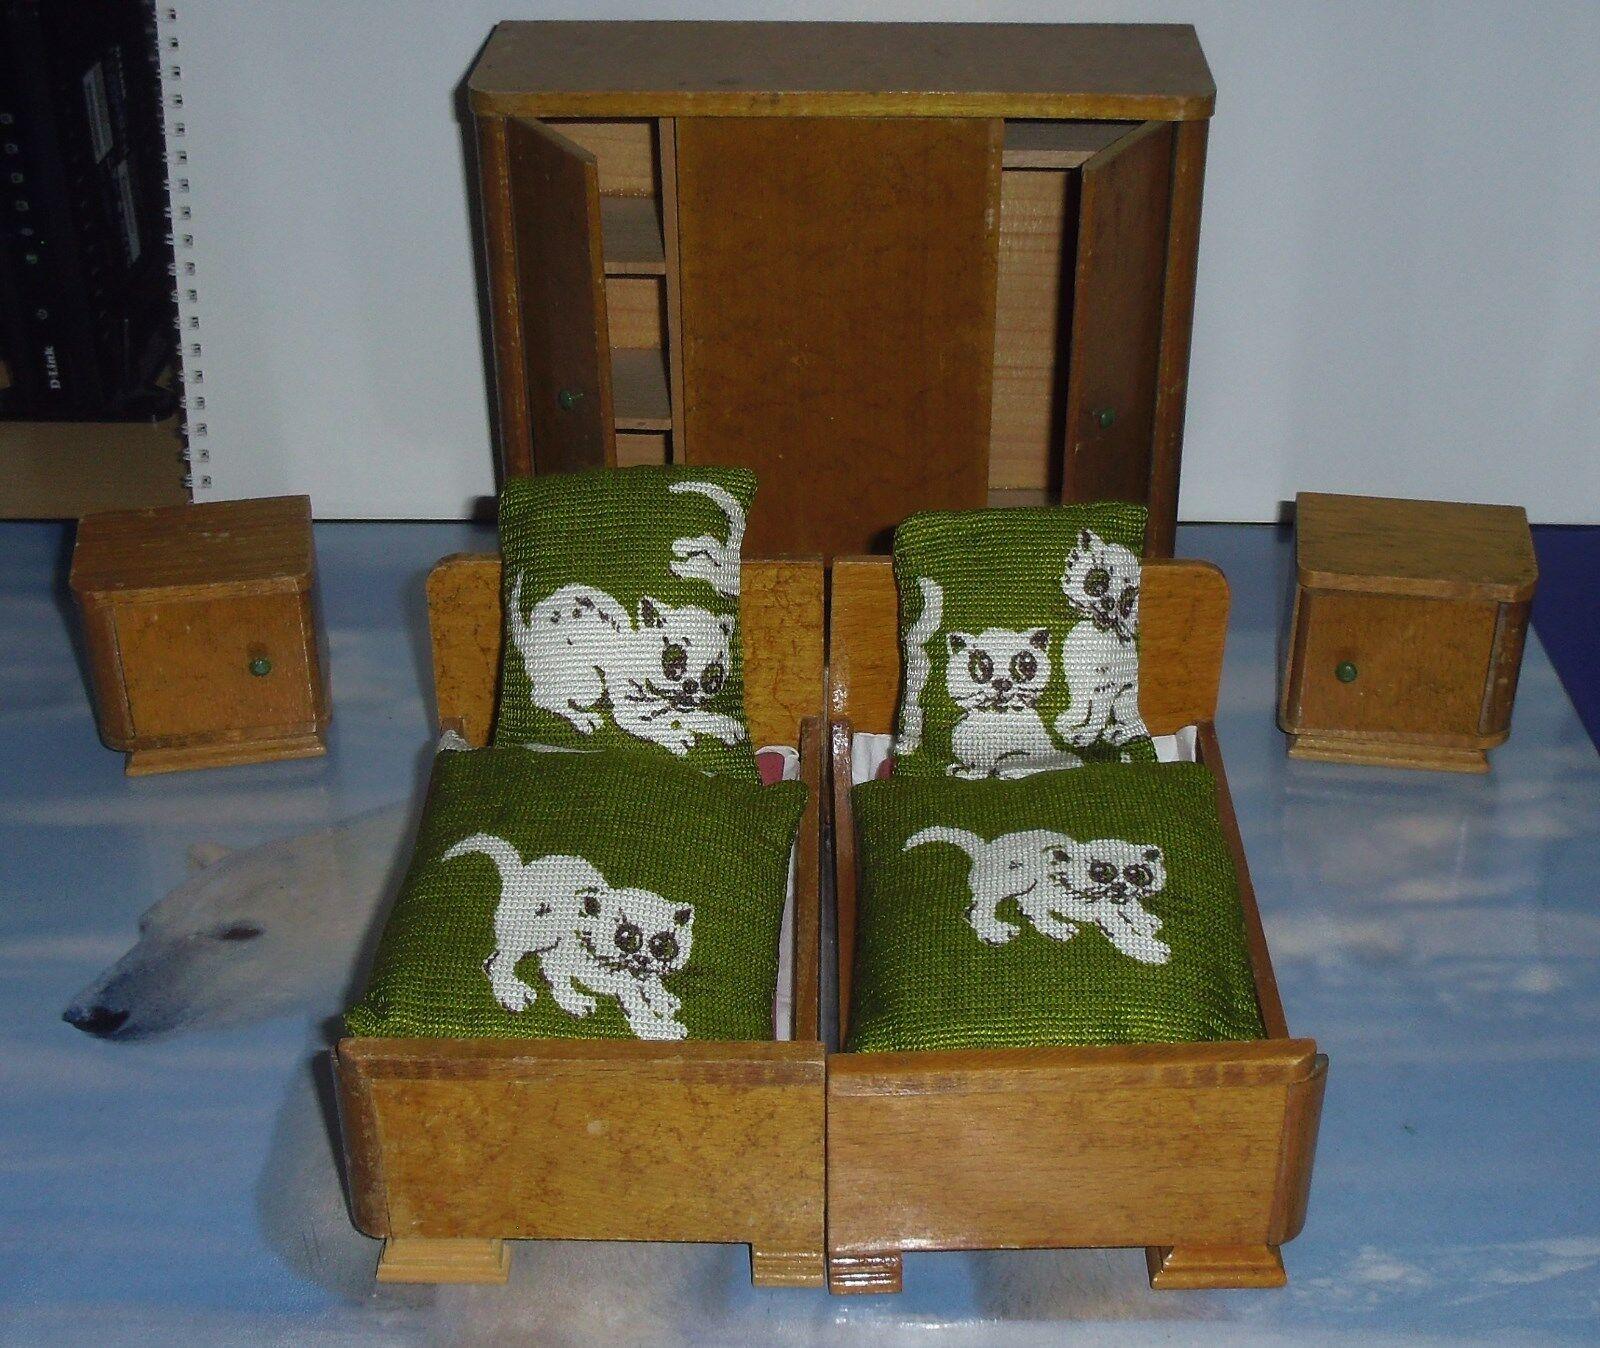 Schöne alte Puppenstuben Möbel - Schlafzimmer 9 9 9 Teile 45c34a ...